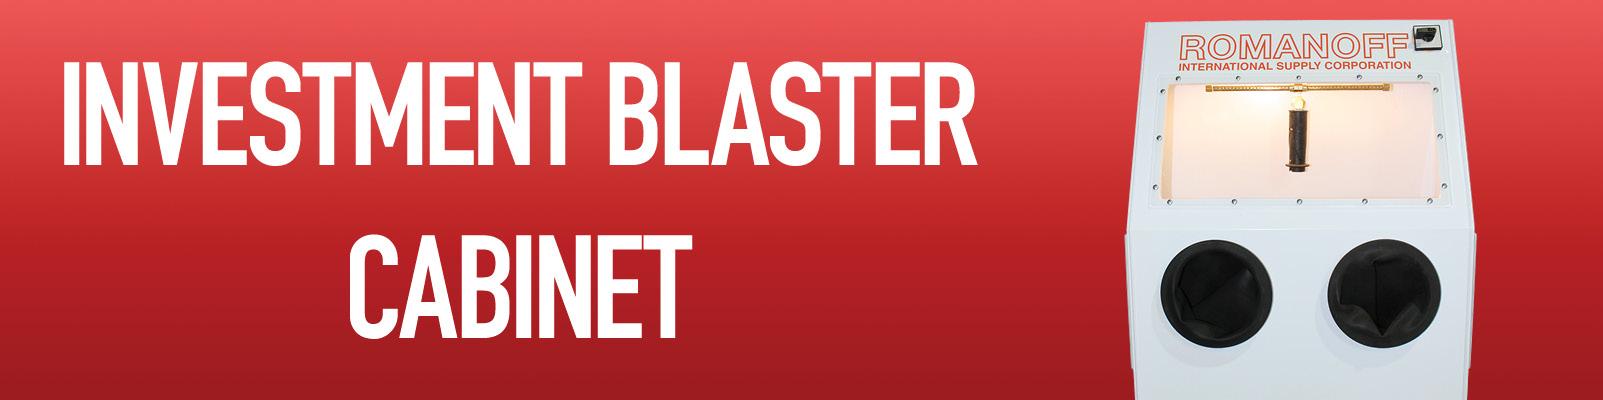 Investment Blaster